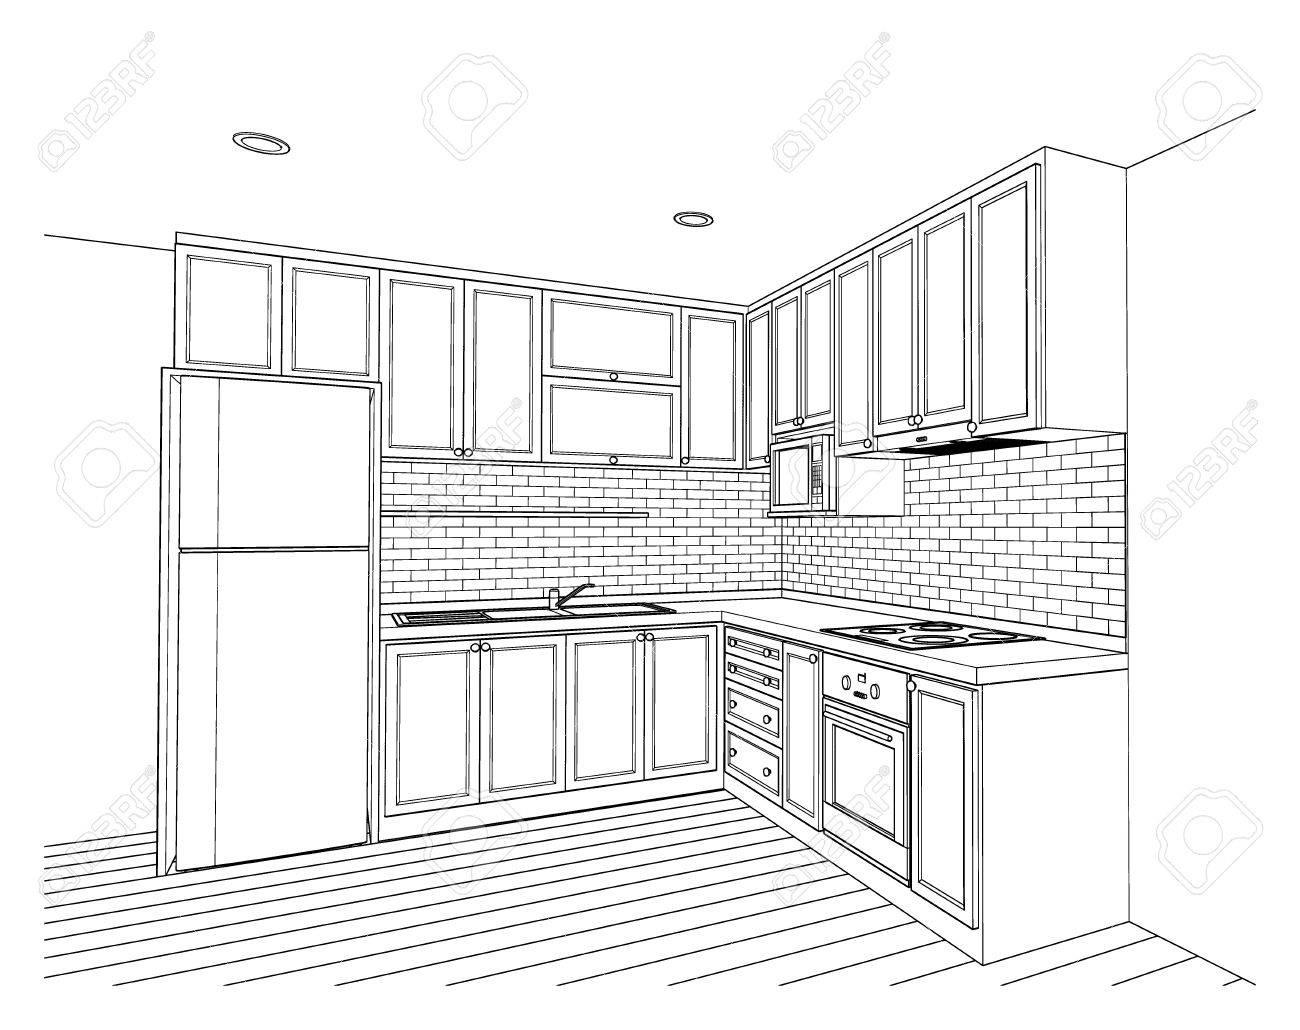 Innenarchitektur Des Landartkuche 3D Grundriss Skizze Perspektive Standard Bild